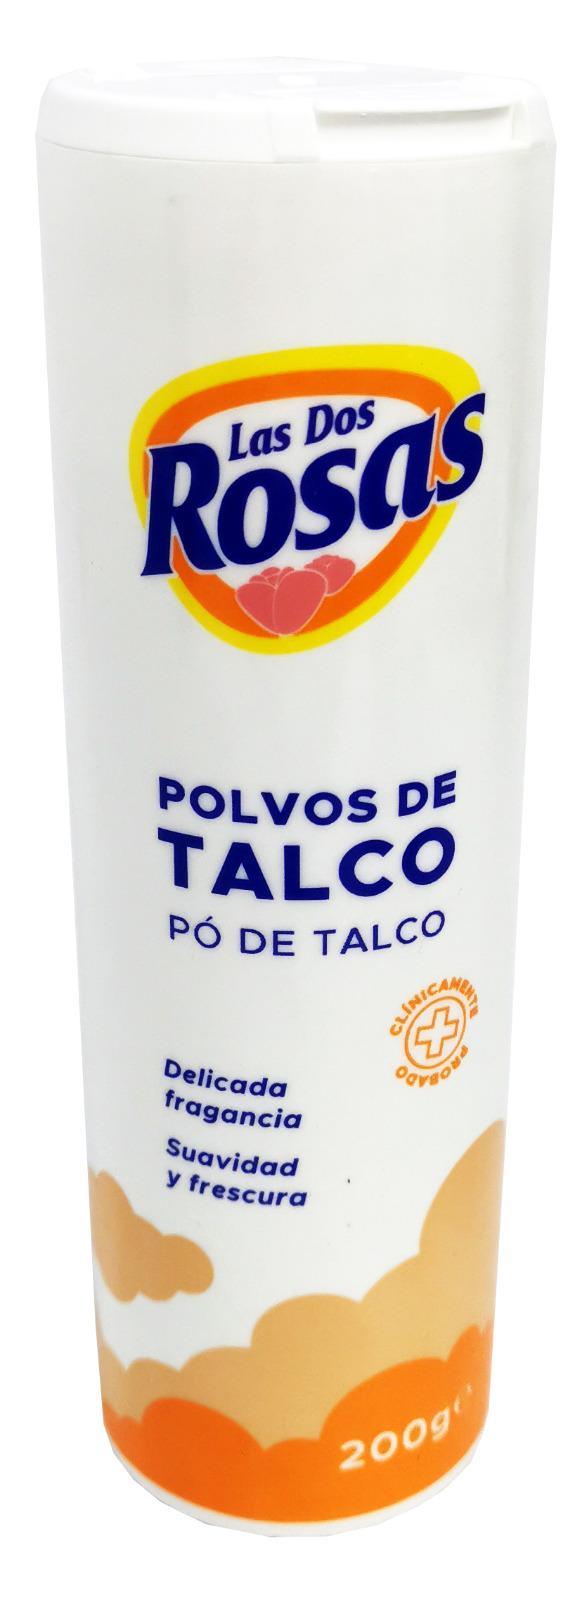 Las 2 Rosas Talco 200gr